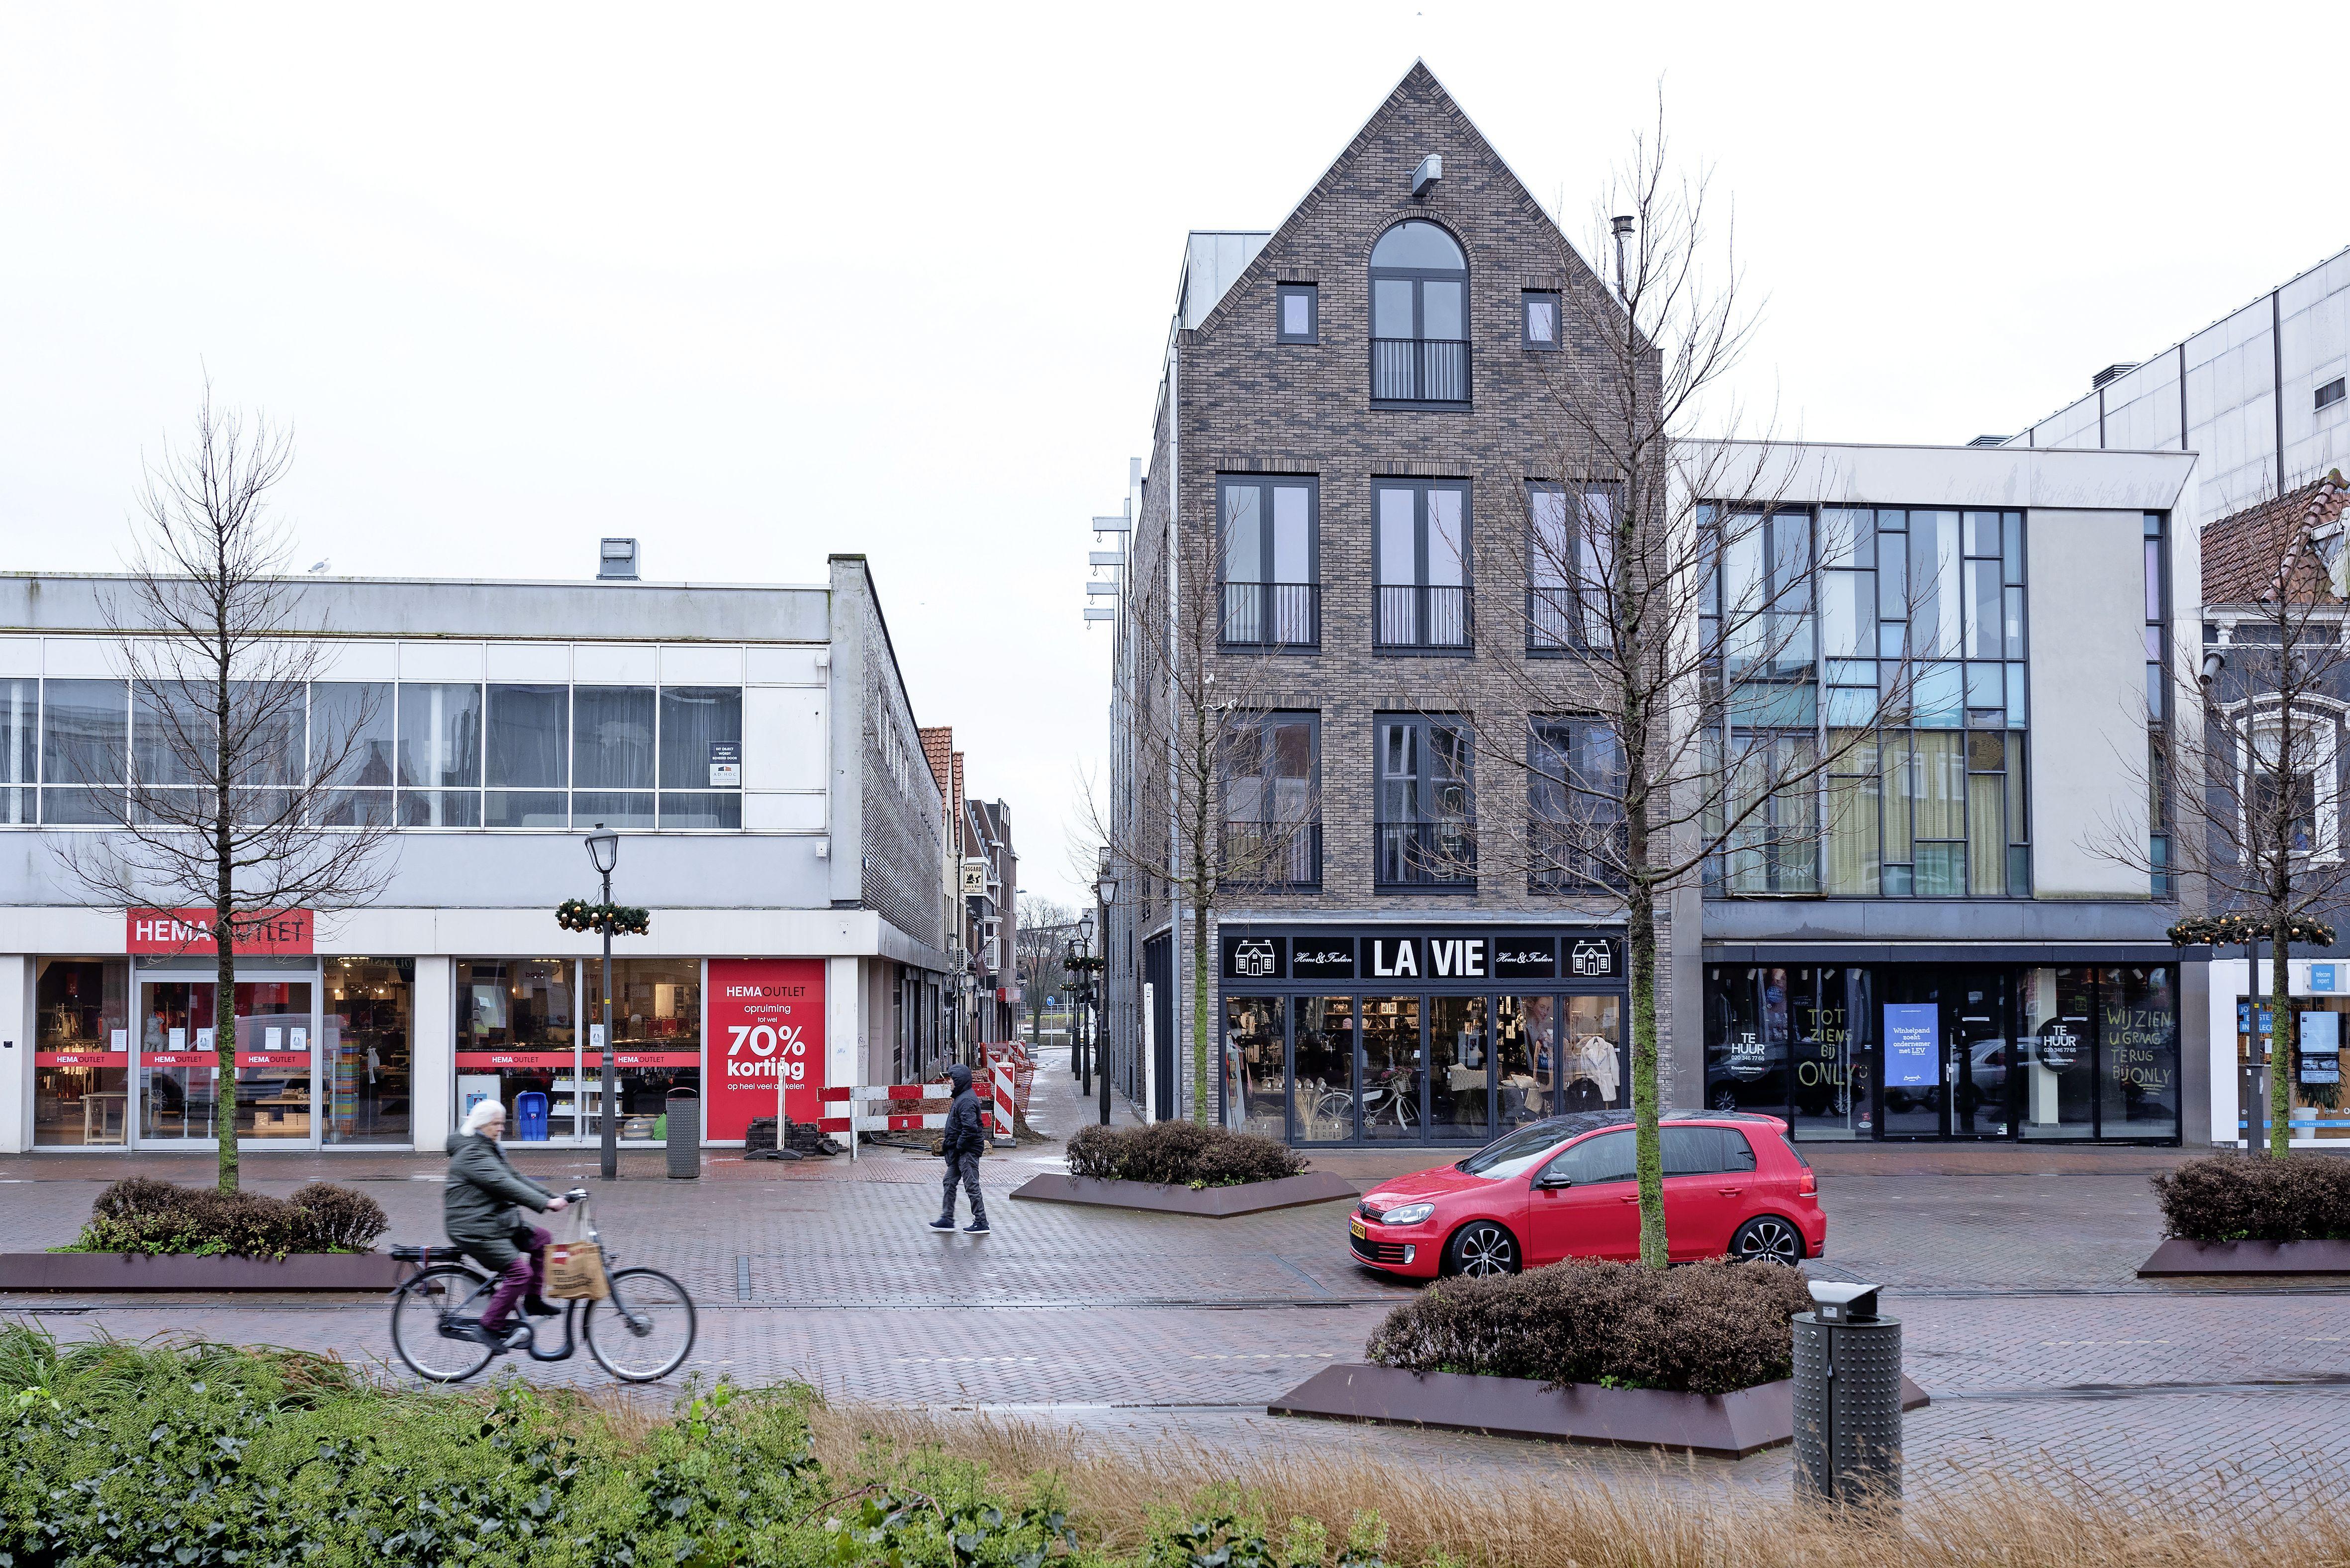 Passantencijfers in coronatijd: het werd stil op straat, maar in Beverwijk lang niet zo stil als elders. Hoe kan dat?